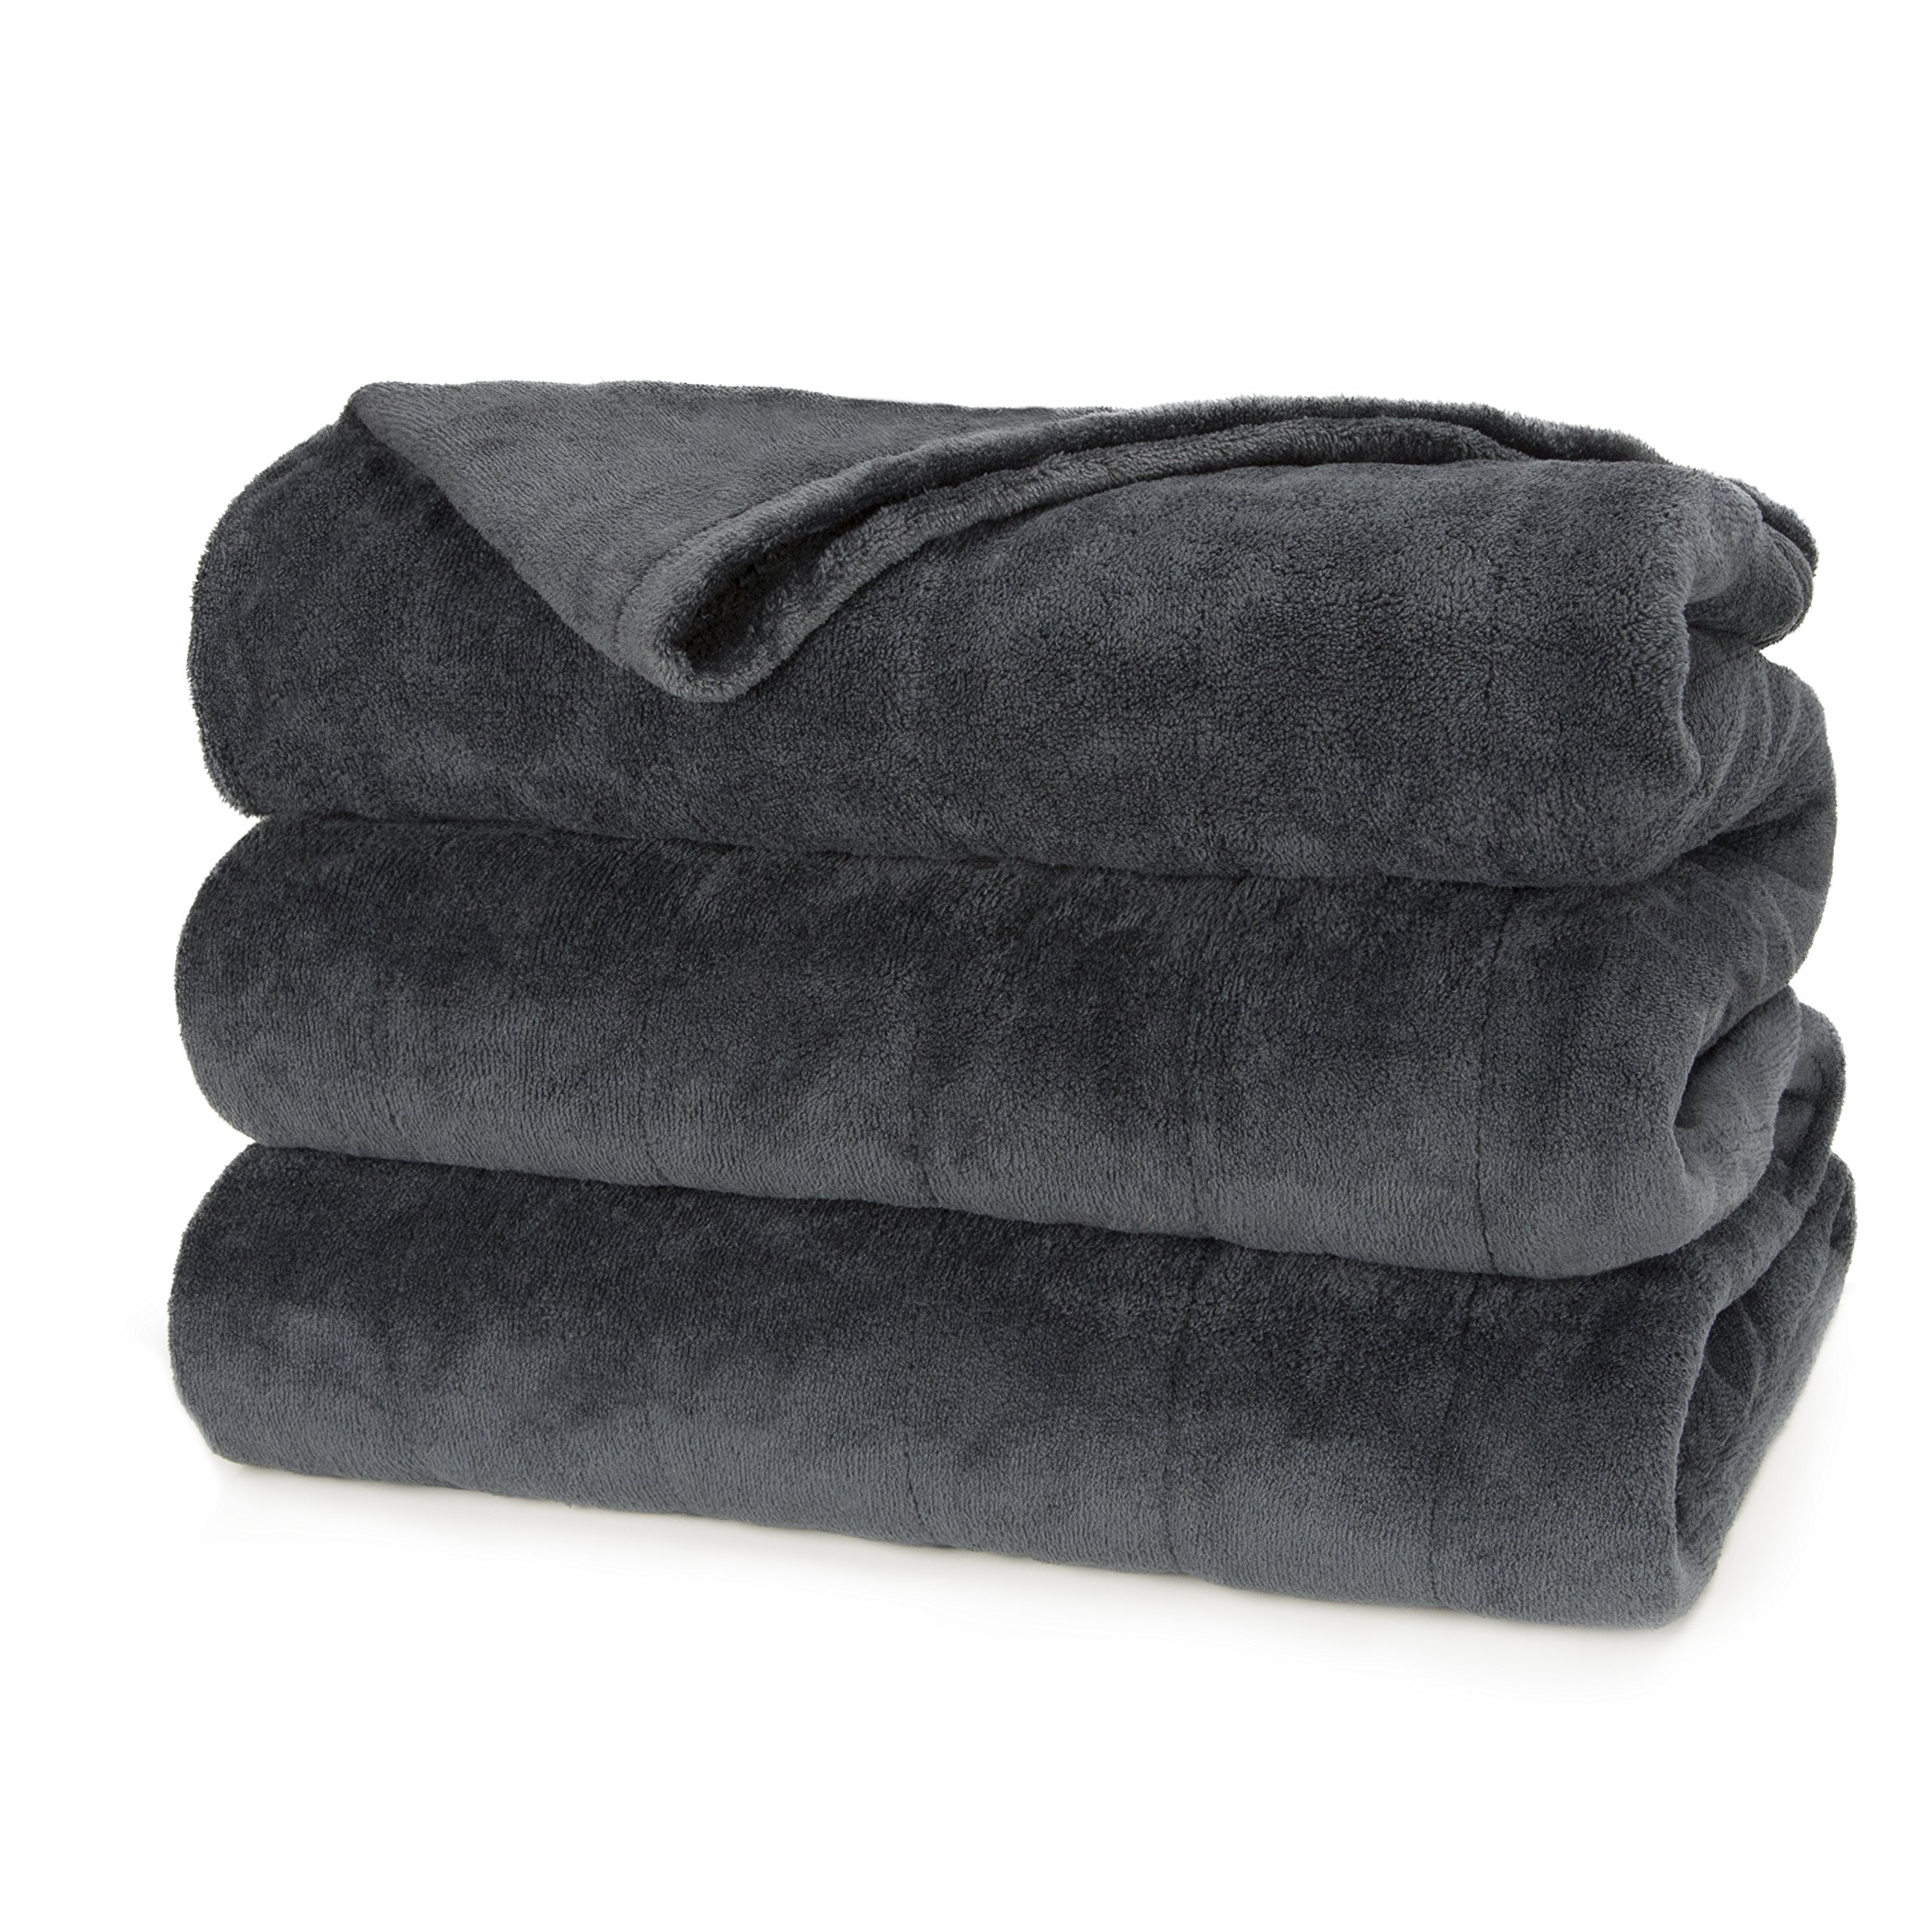 Sunbeam Heated Blanket   Microplush, 10 Heat Settings, Slate, Queen